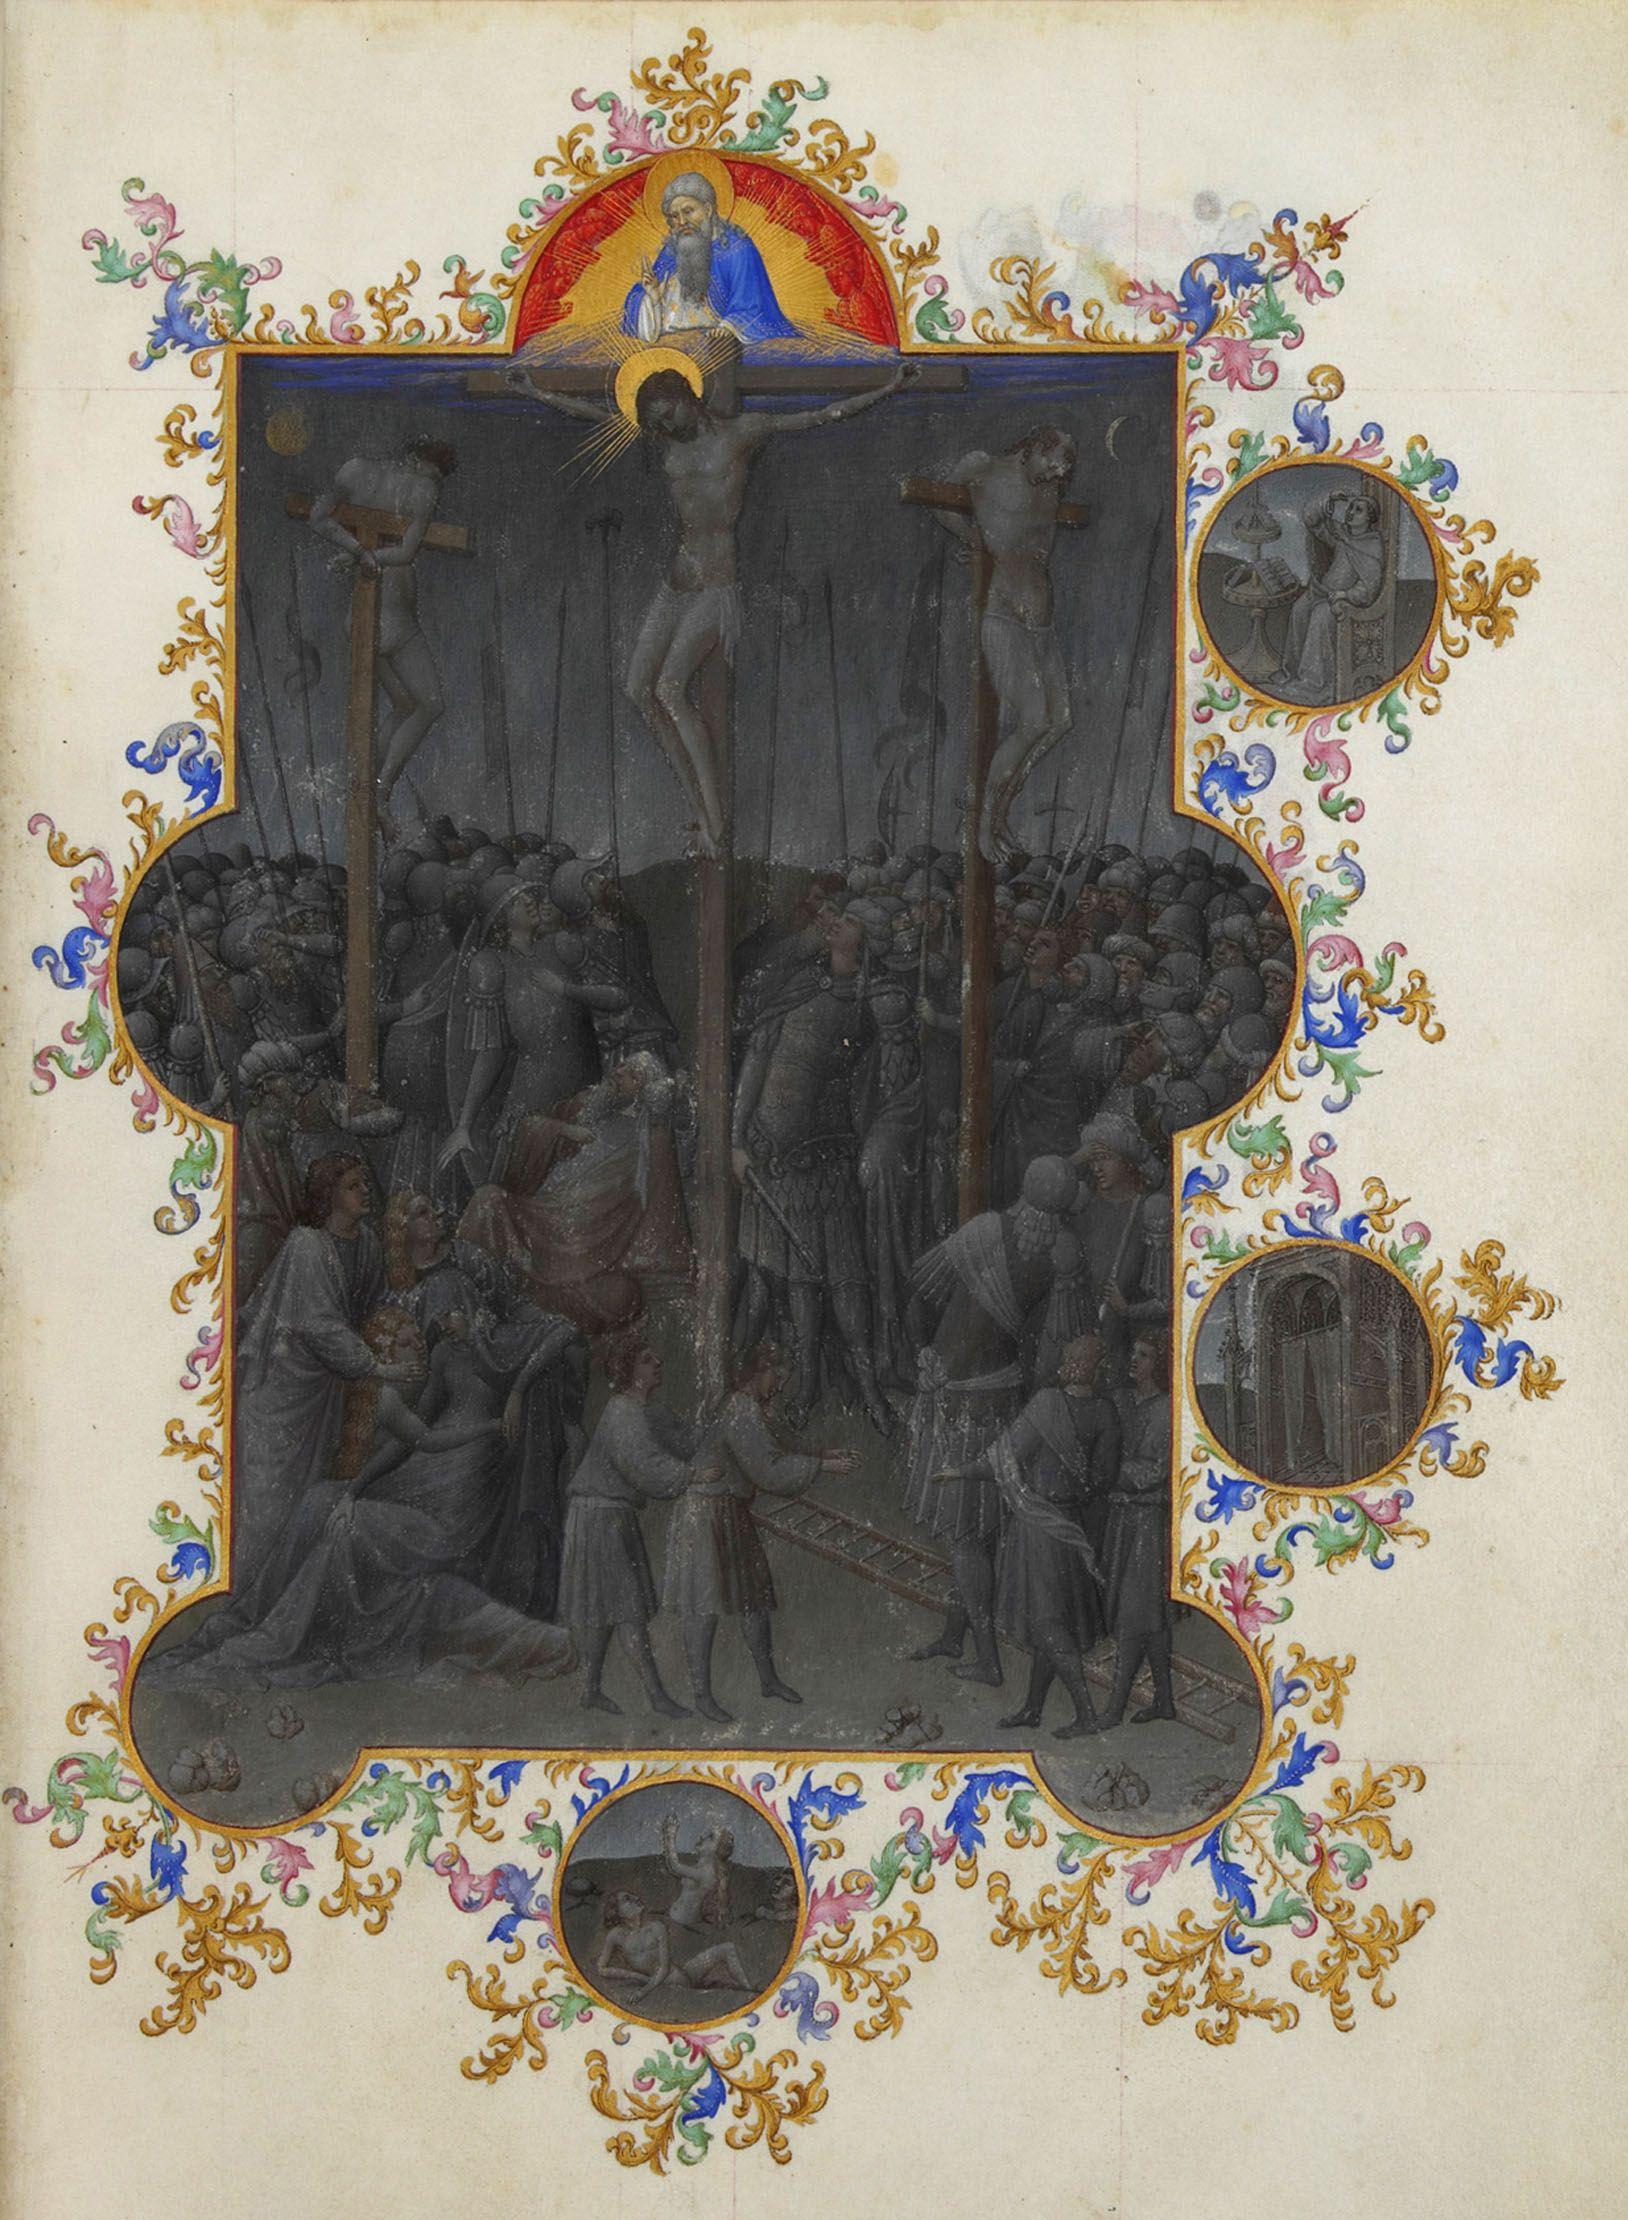 Les-Tres-Riches-Heures-du-duc-de-Berry-mort-du-christ-Musee-Condé-Chantilly-Ms.65-f.153r-1411-1416